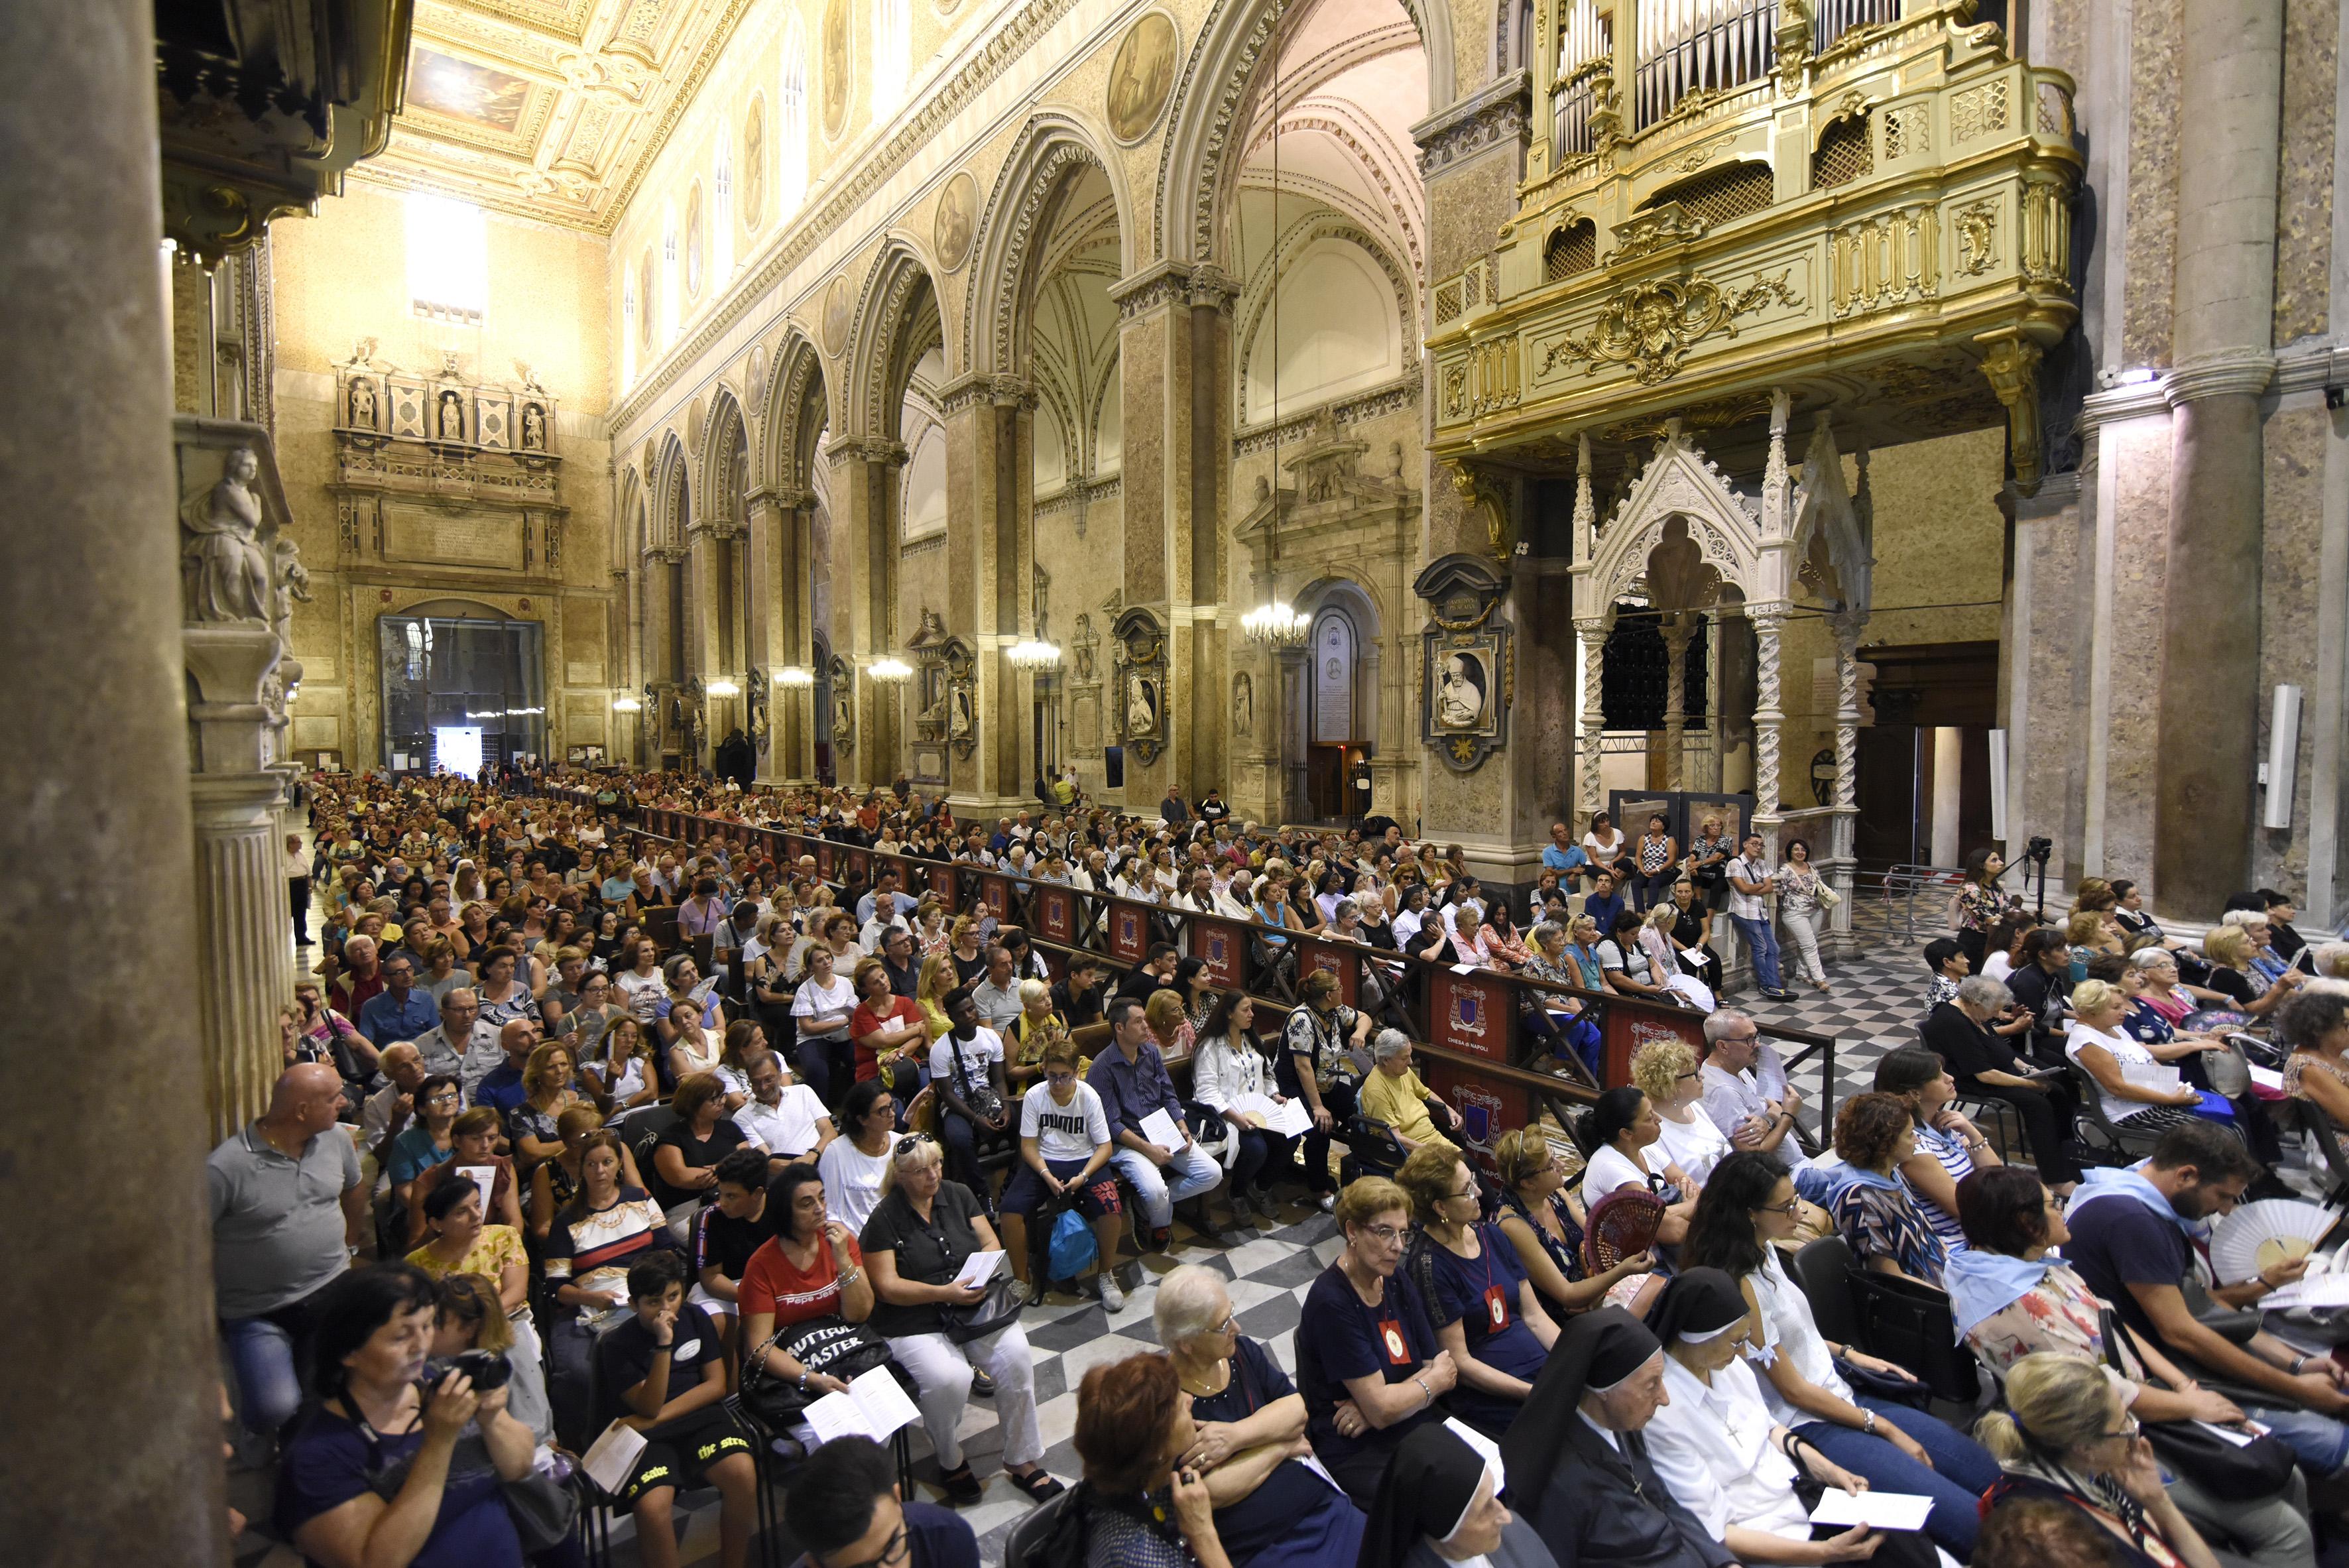 I pellegrini all'interno della Cattedrale di Napoli